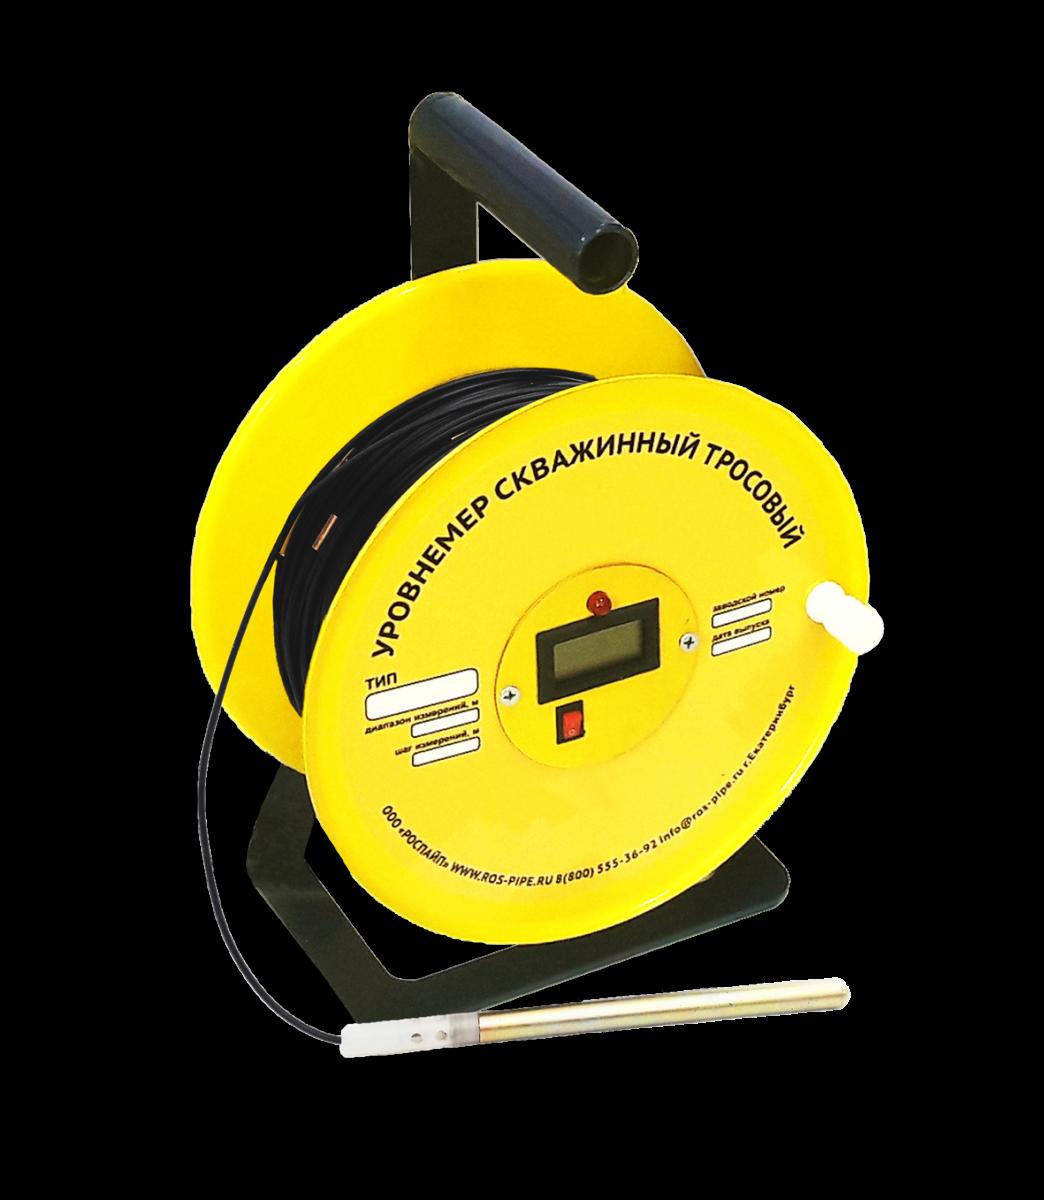 Уровнемер с термометром УТСК-ТЭ-50